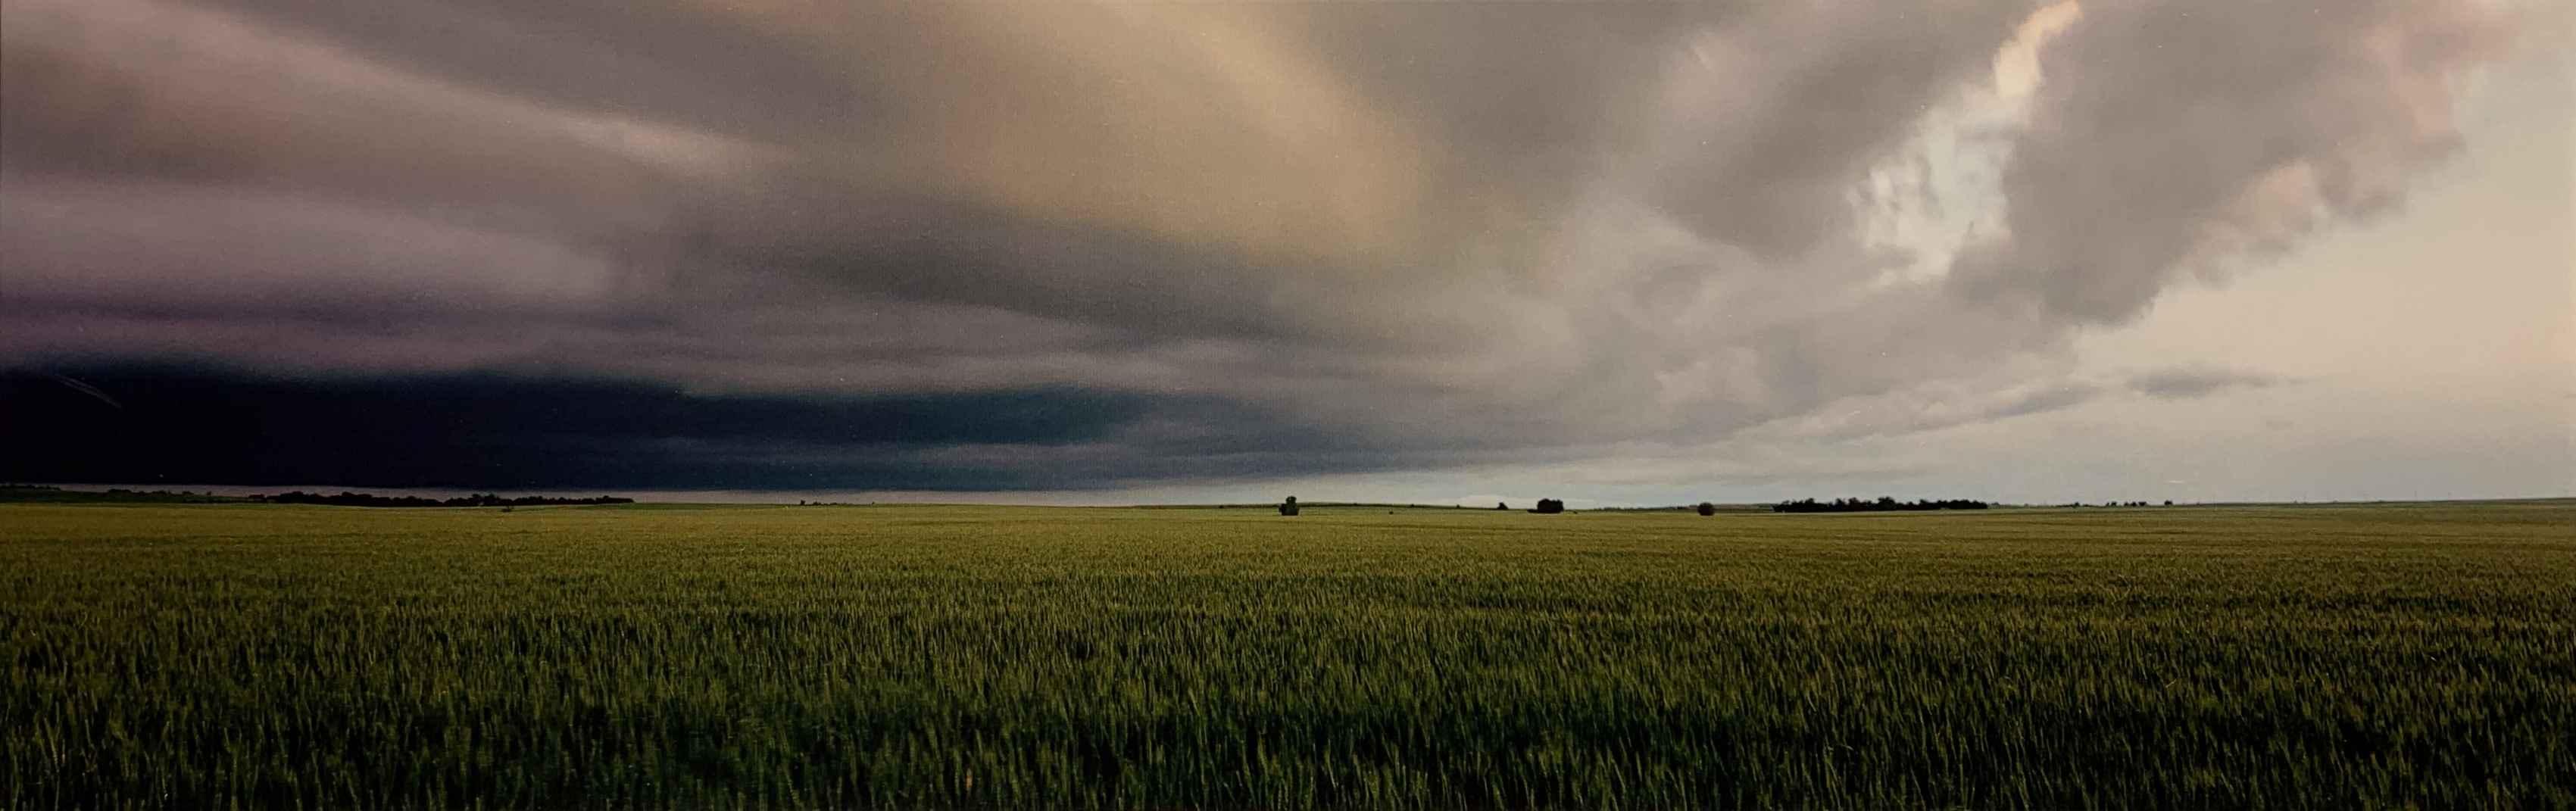 Storm, Saline Co., KS by  George Jerkovich - Masterpiece Online